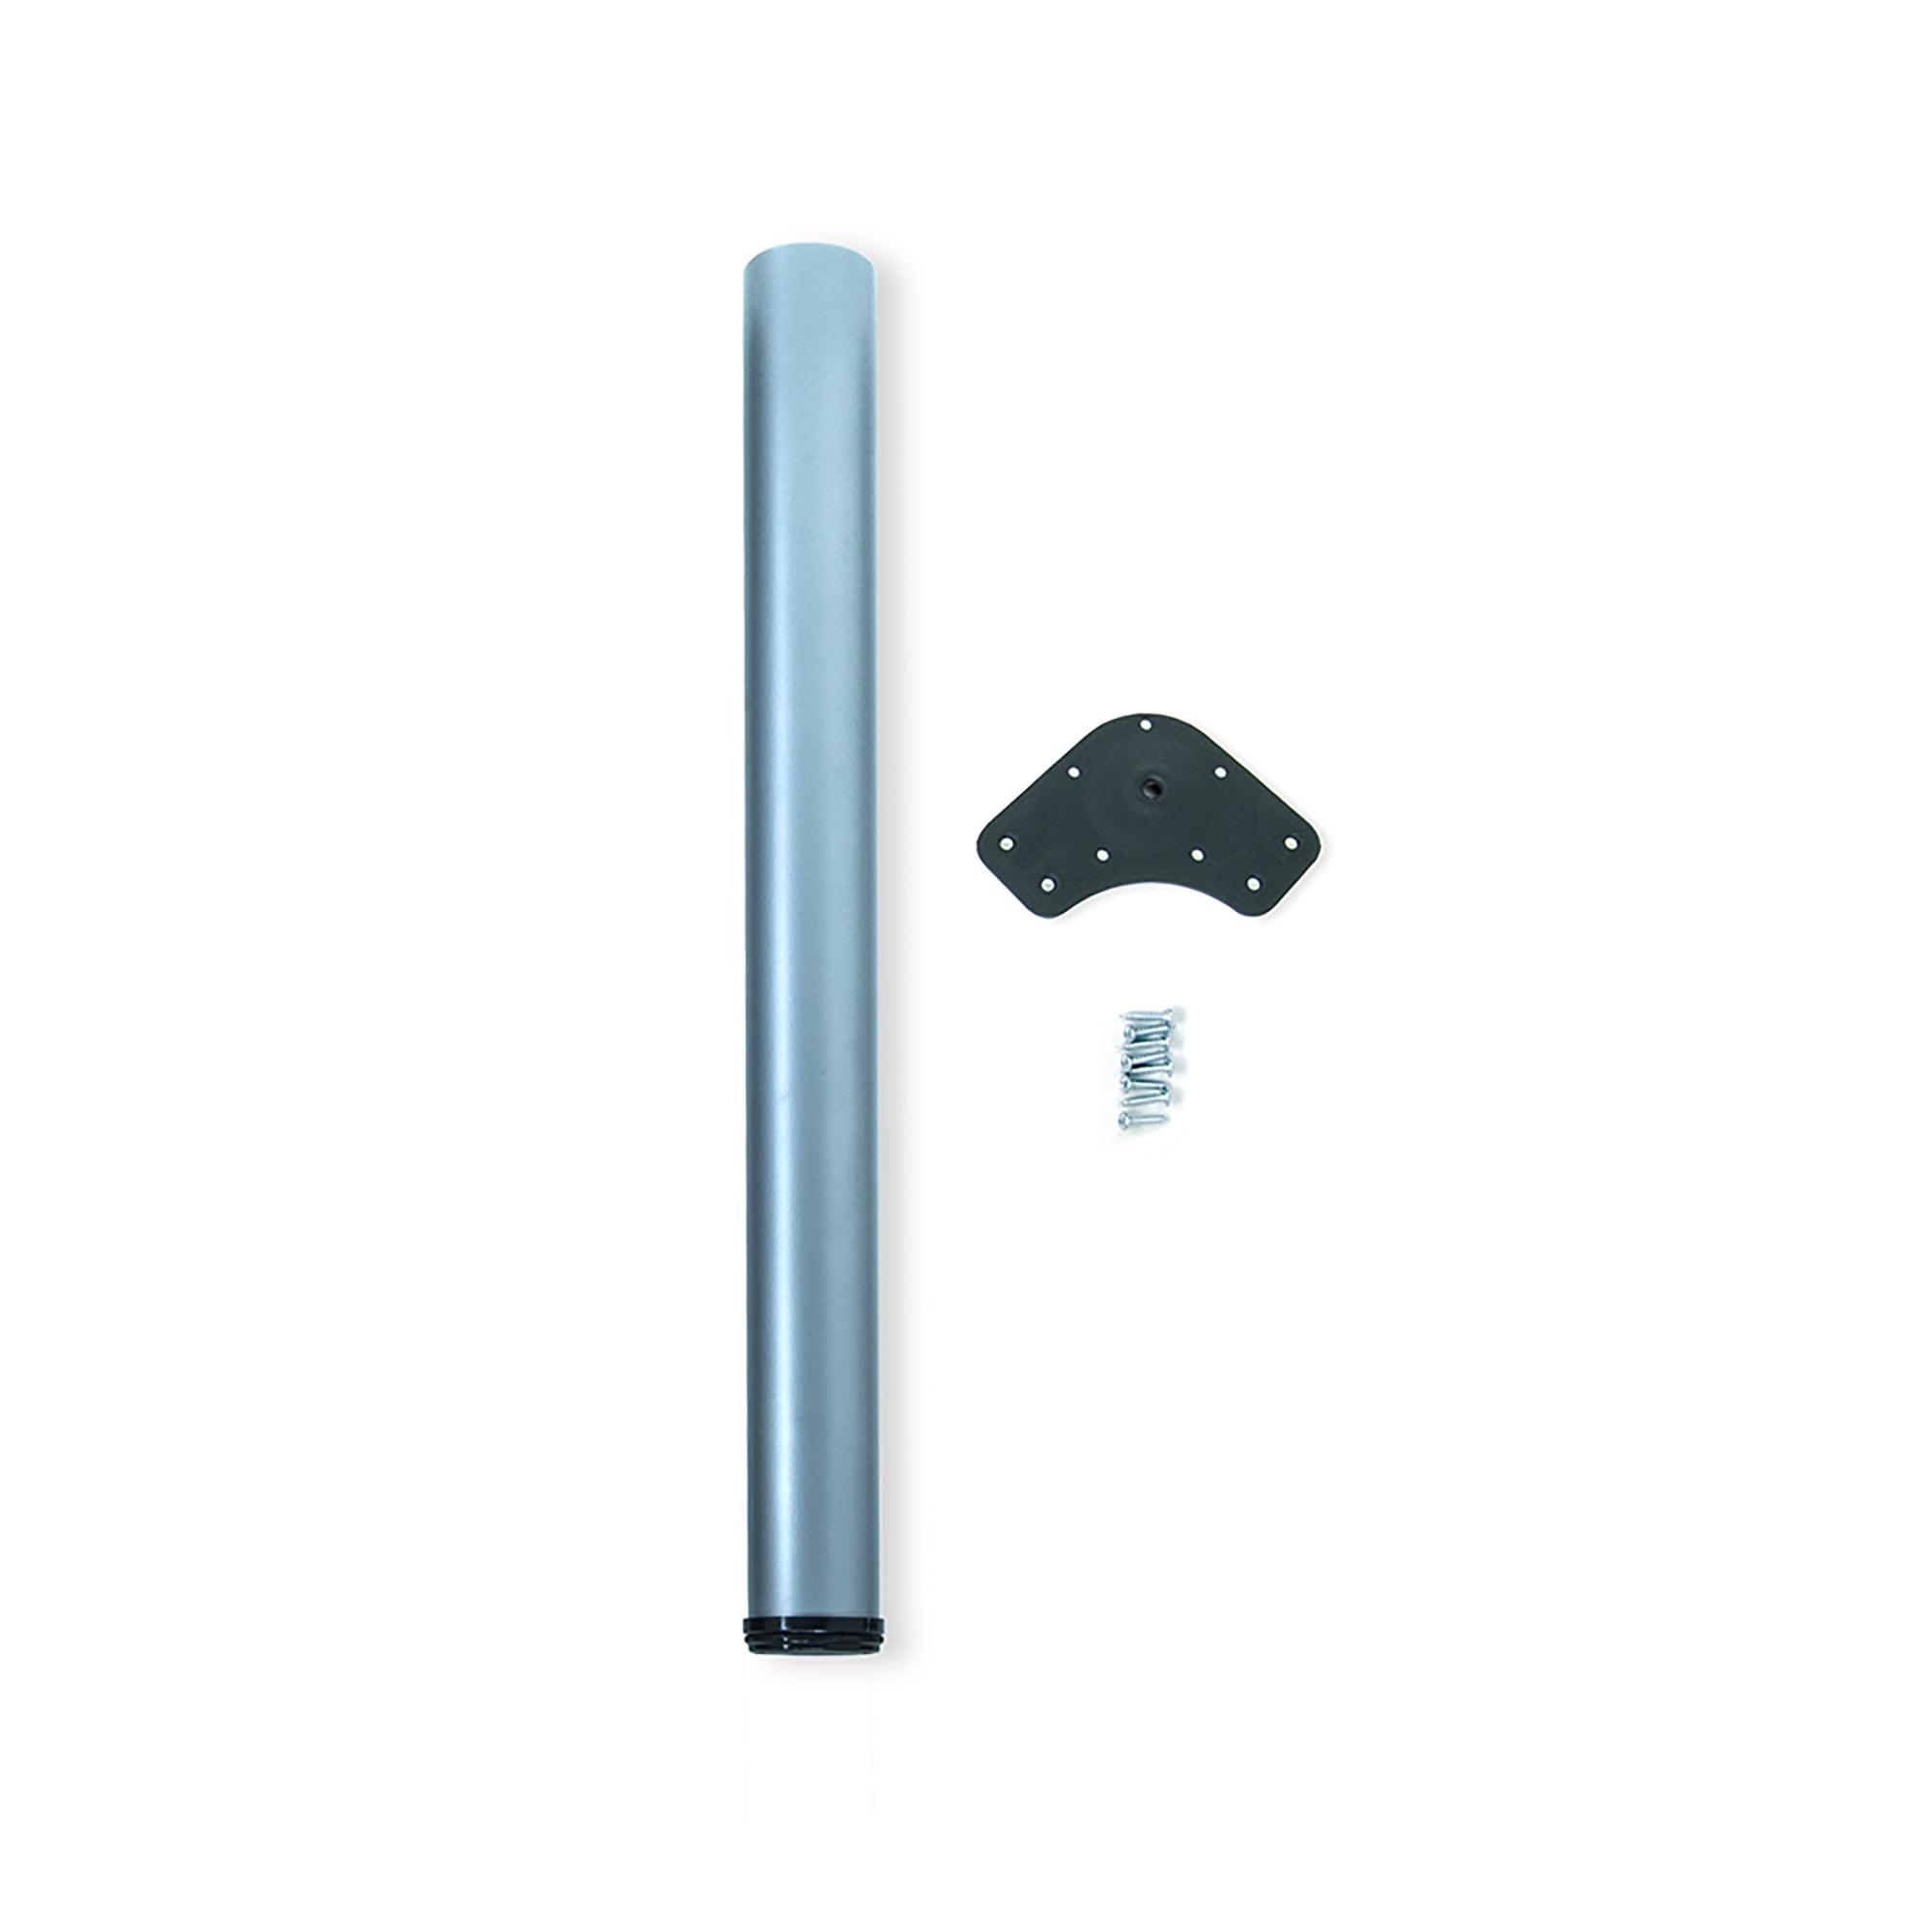 Emuca Gamba per tavolo, D. 80 mm, regolabile 710-740 mm, Acciaio, Grigio metallizzato